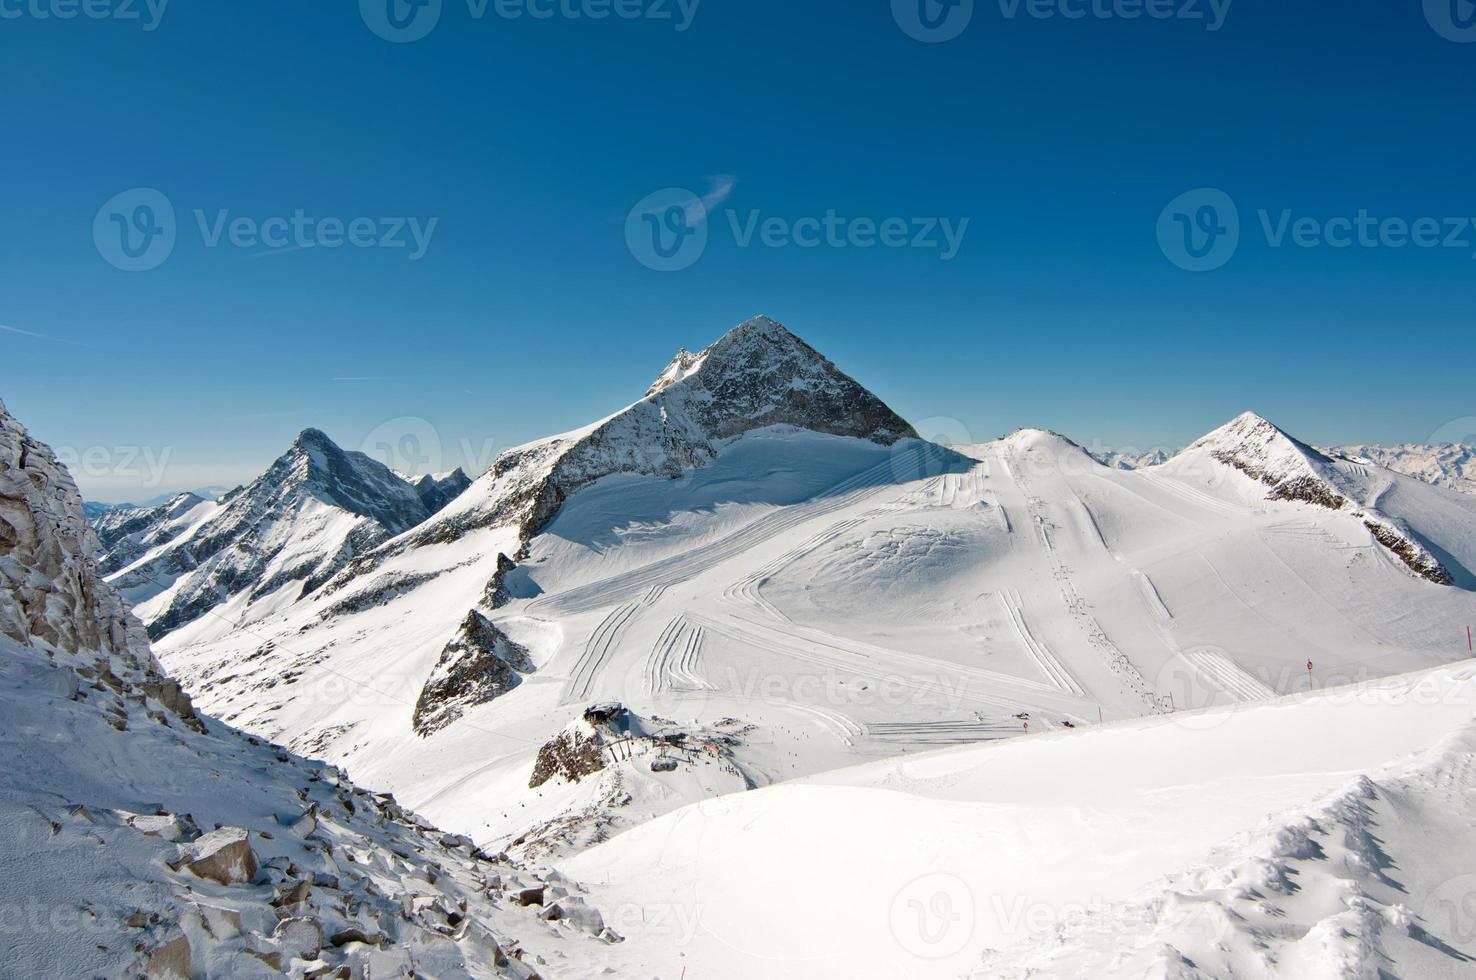 paisaje escénico de invierno con pistas de esquí y snowboard foto